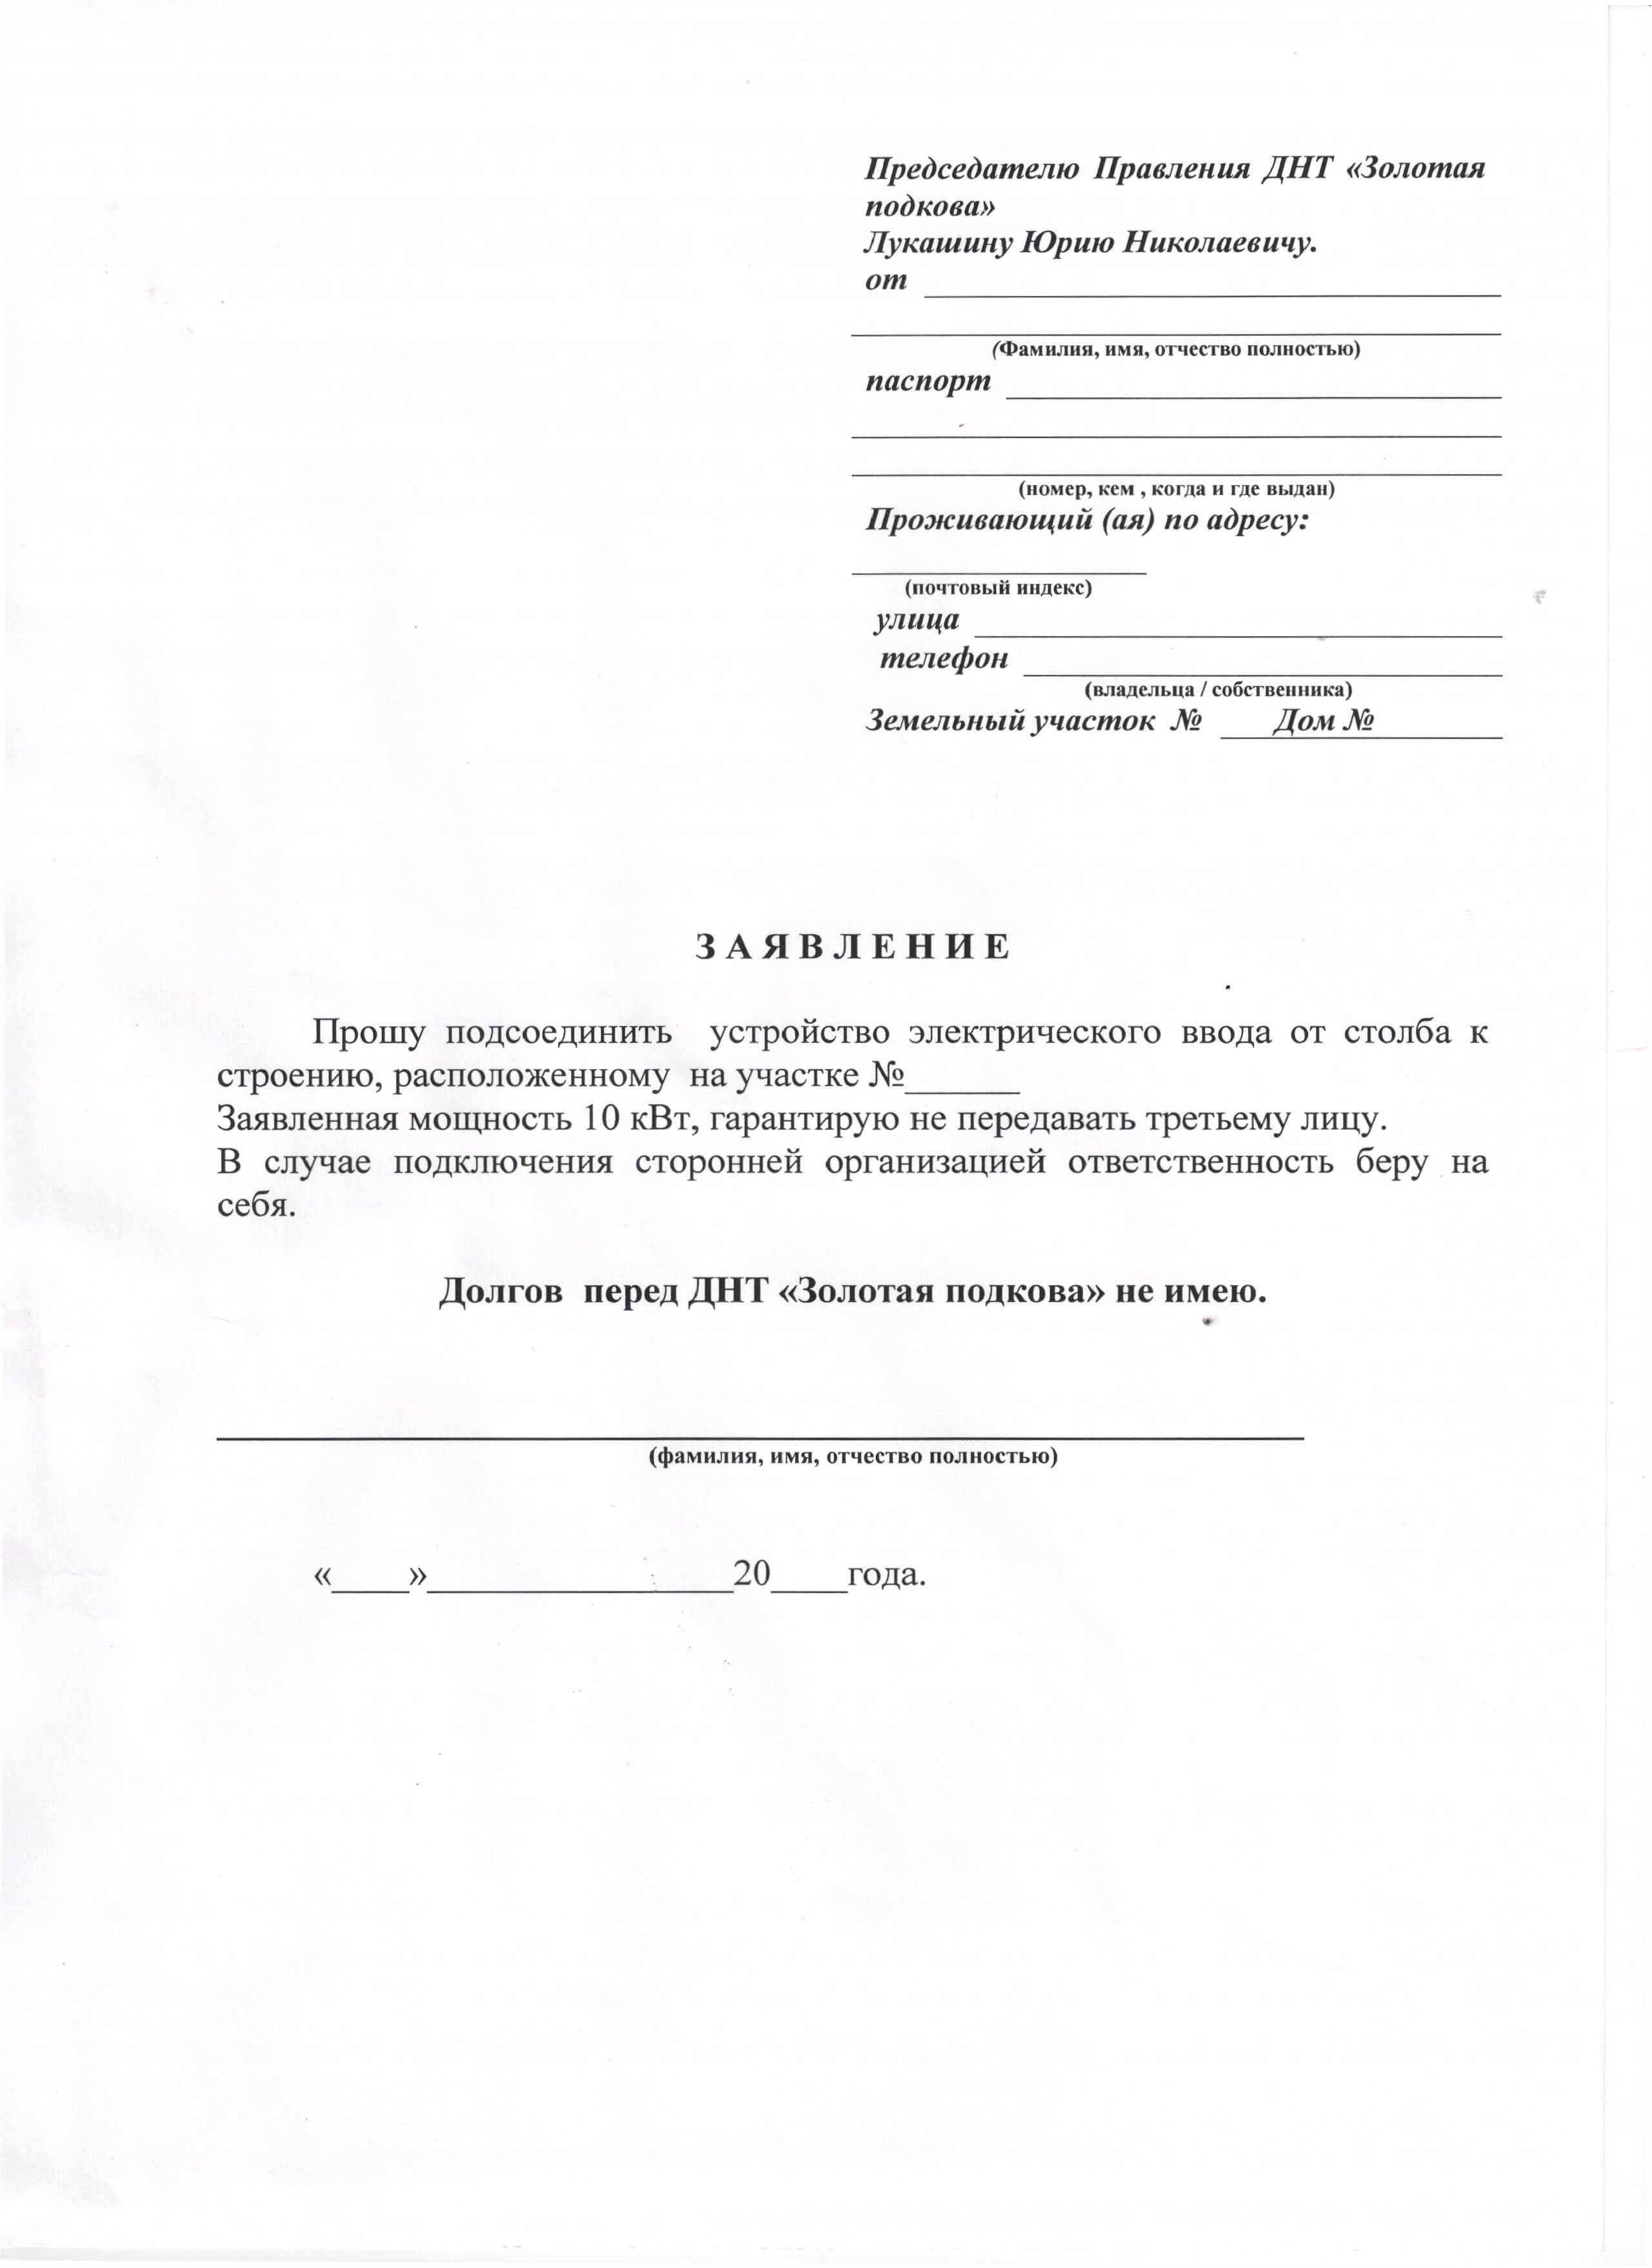 Образцы заявок о технологическом присоединении и перечень документов, прилагаемых к заявке о тп - синтез групп